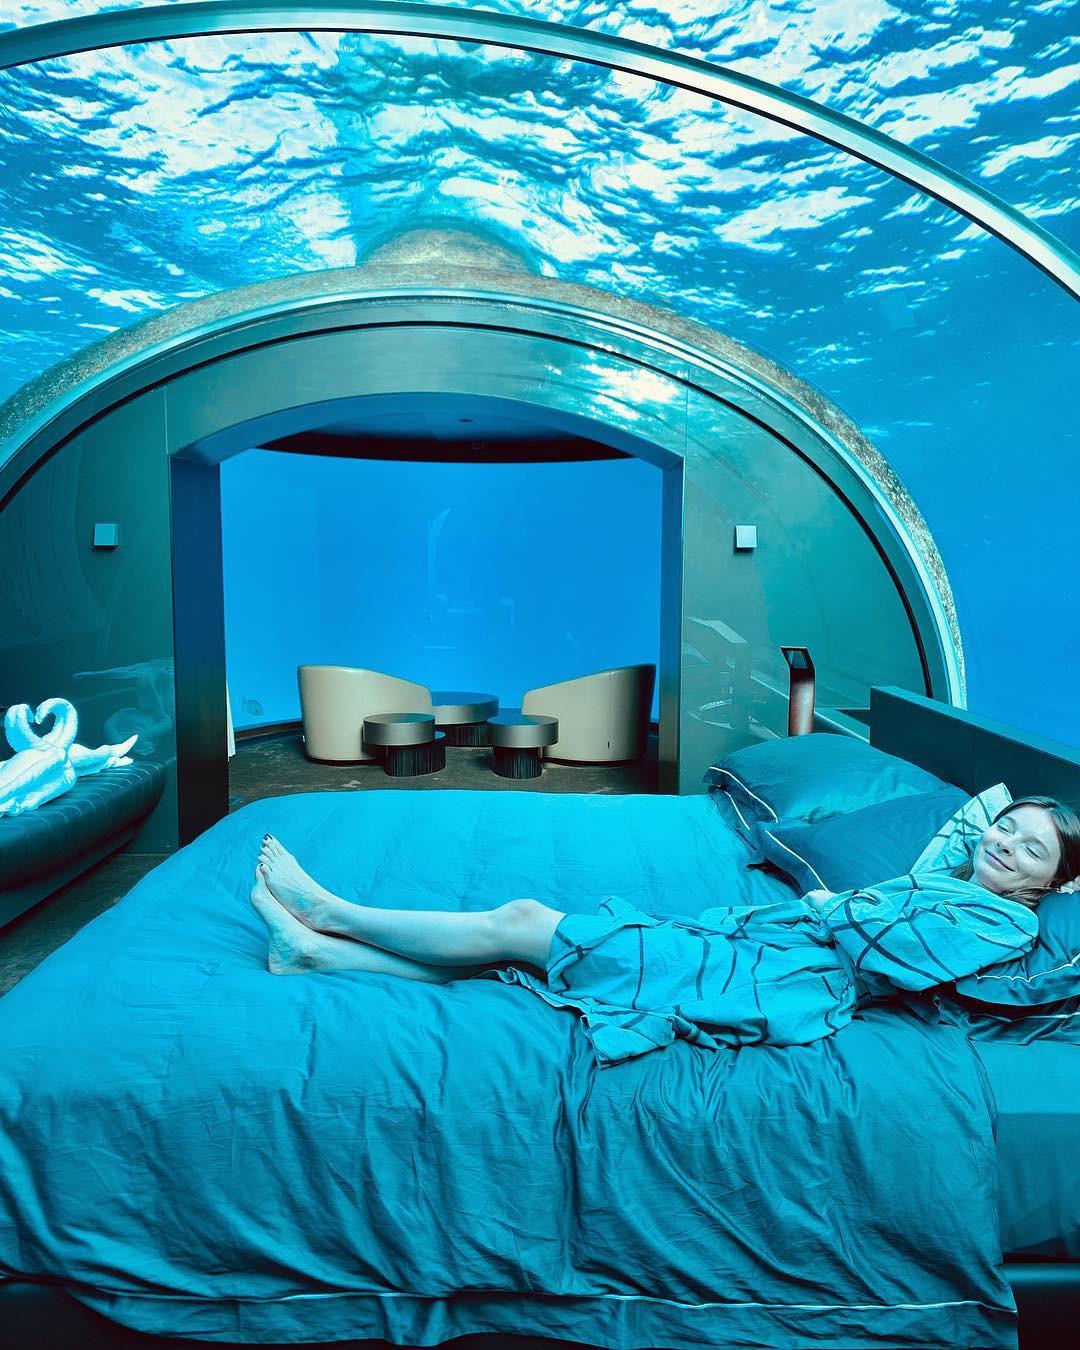 Loá mắt với khách sạn triệu đô dưới đáy biển Ấn Độ Dương mà chỉ giới siêu giàu mới đủ tiền thuê - Ảnh 10.